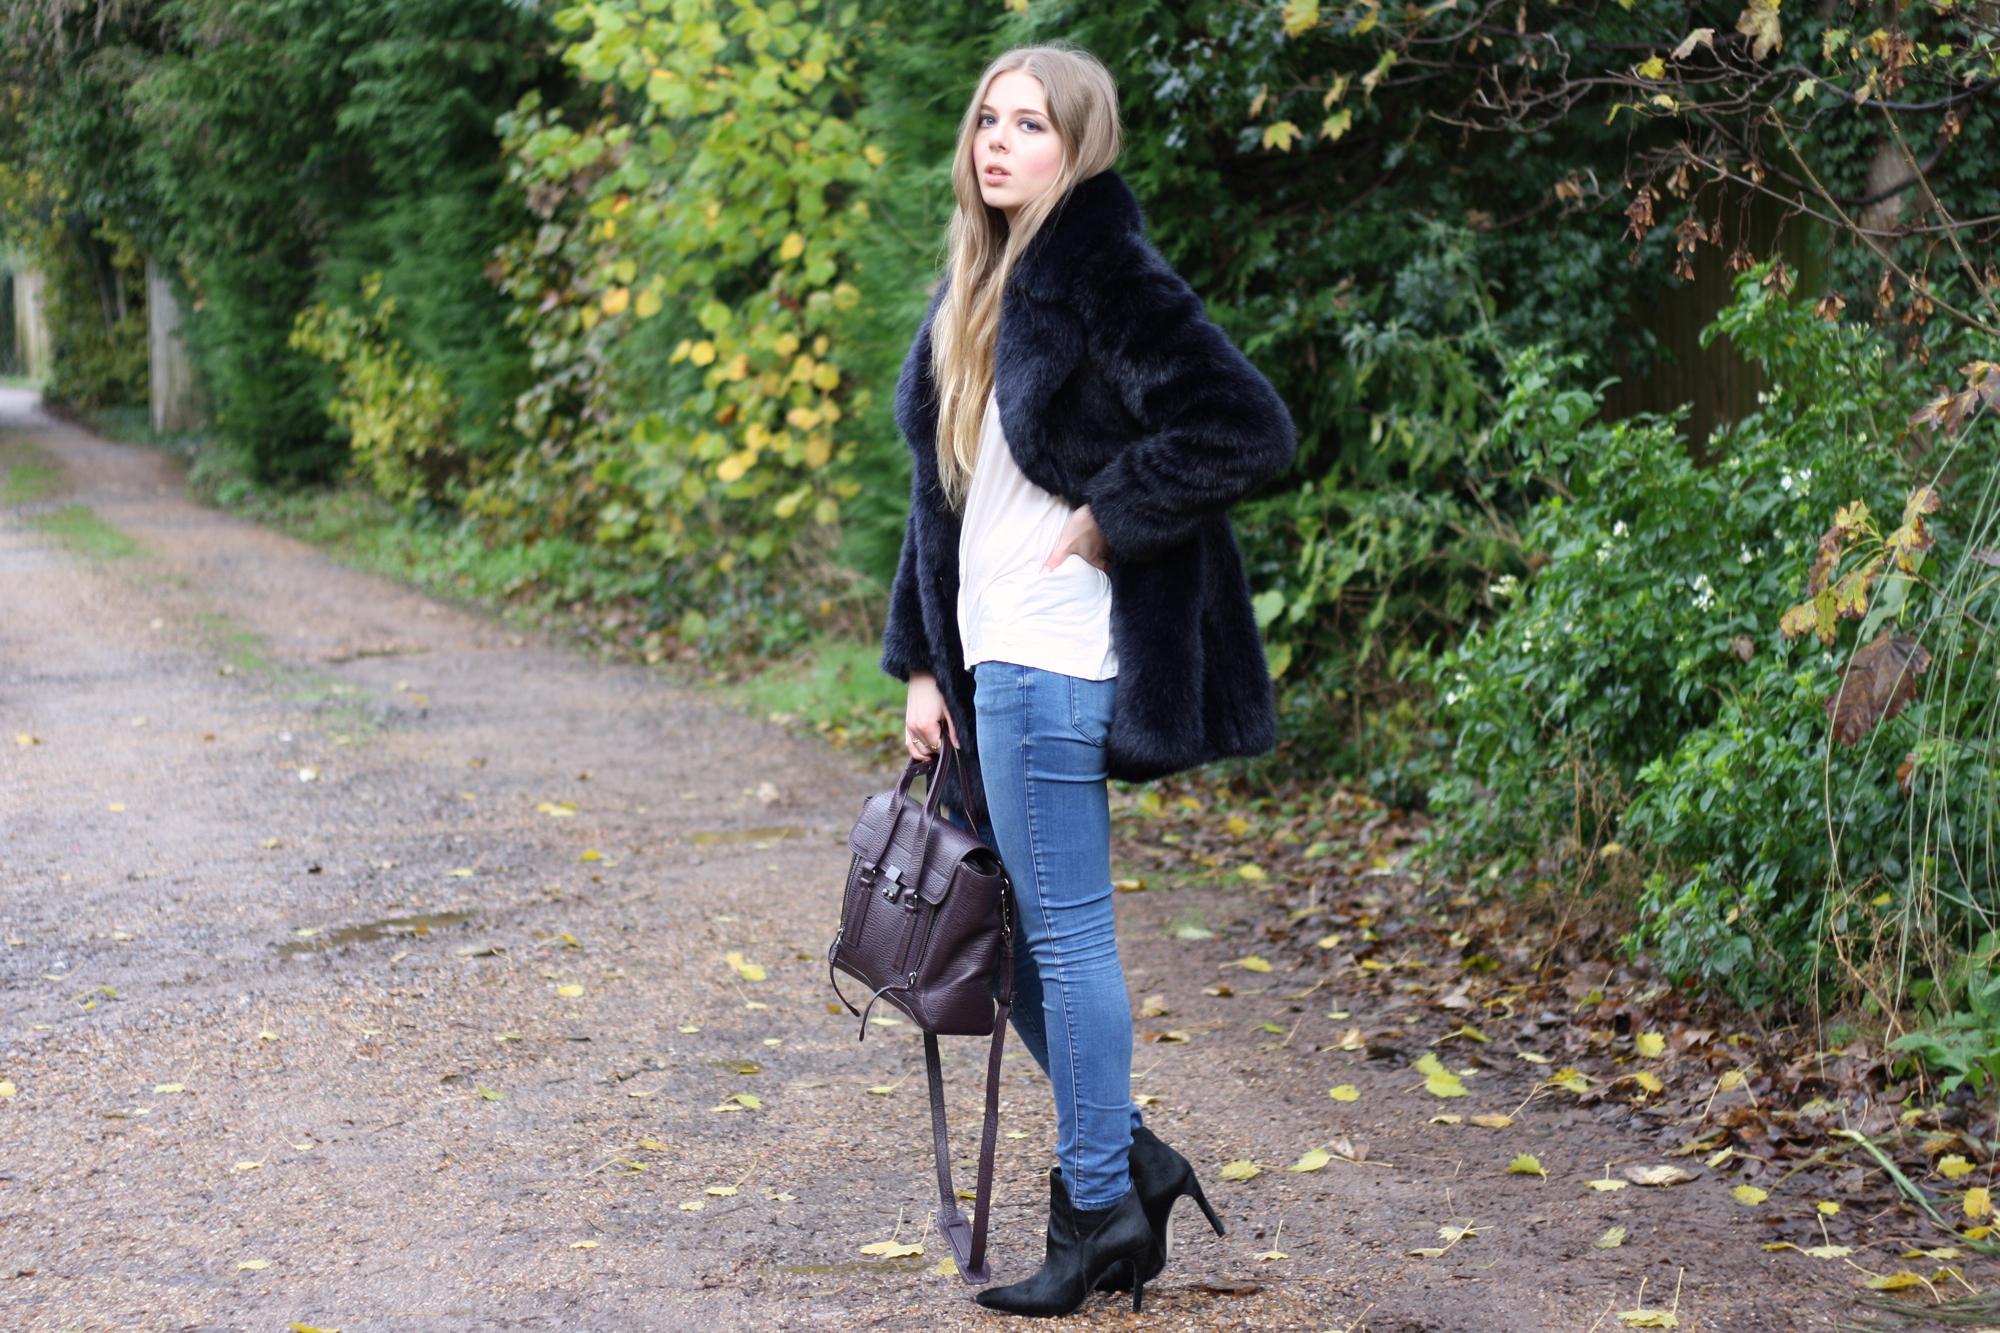 Zara black ponyskin ankle boots